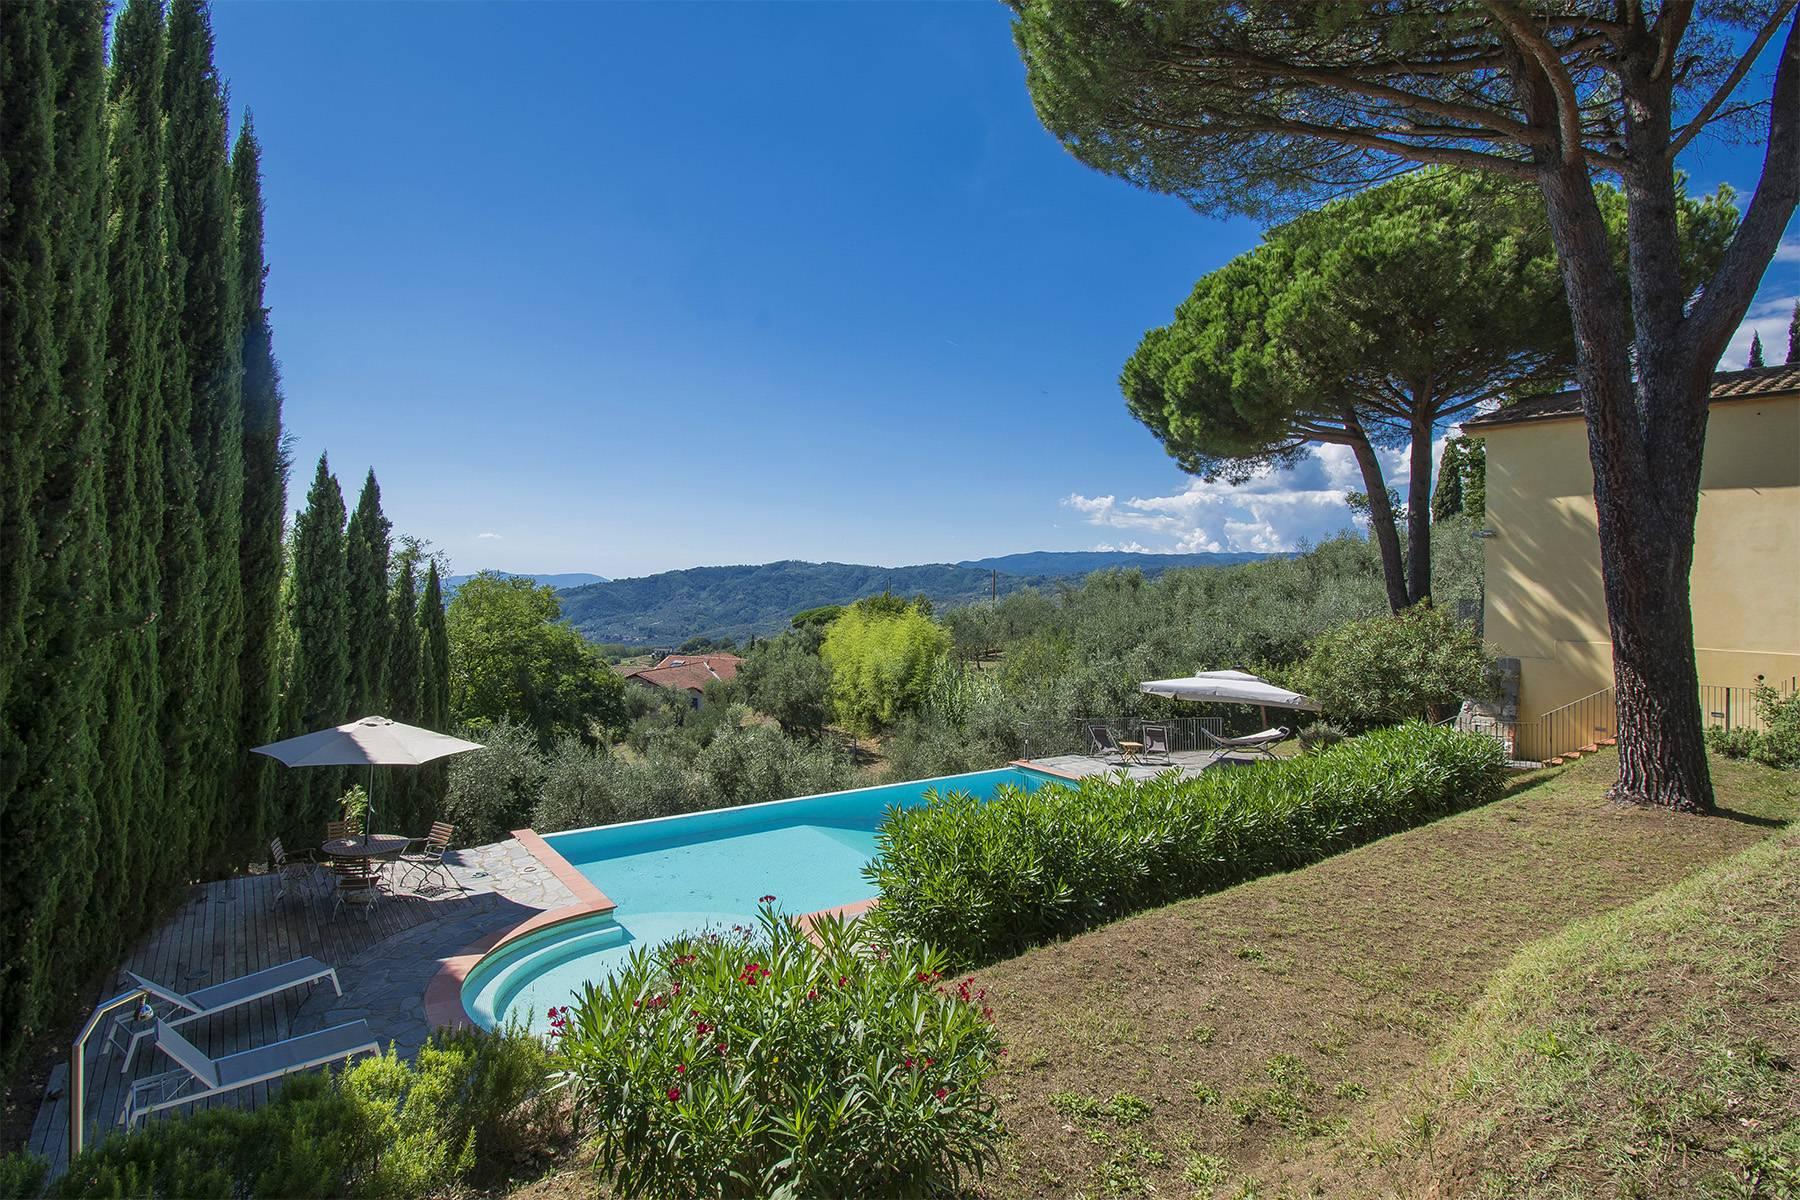 Villa in Vendita a Montecatini-Terme: 5 locali, 250 mq - Foto 13